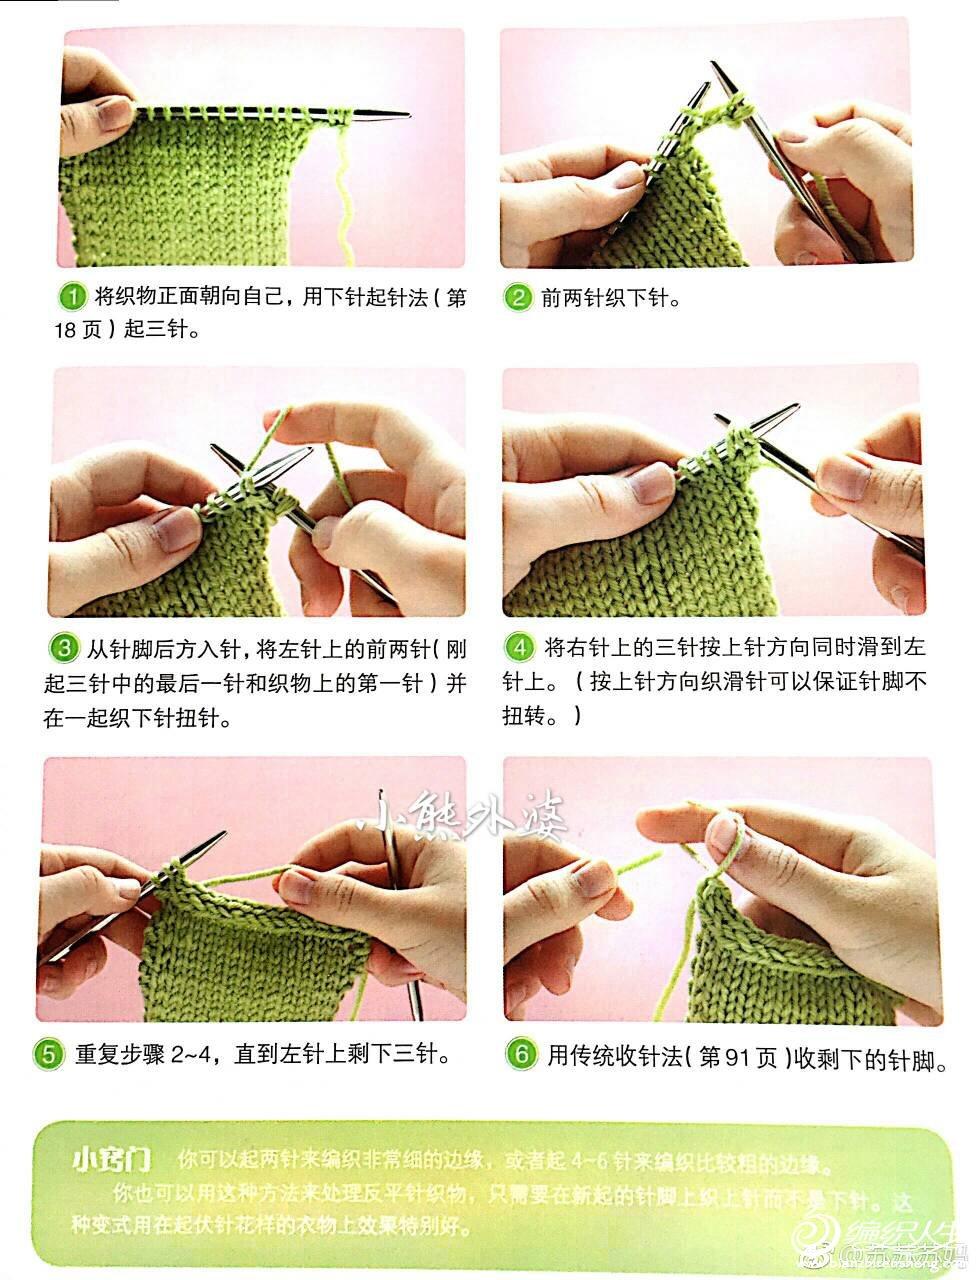 【转载】我的四月天 - 立春的织园 - 线编现演的博客